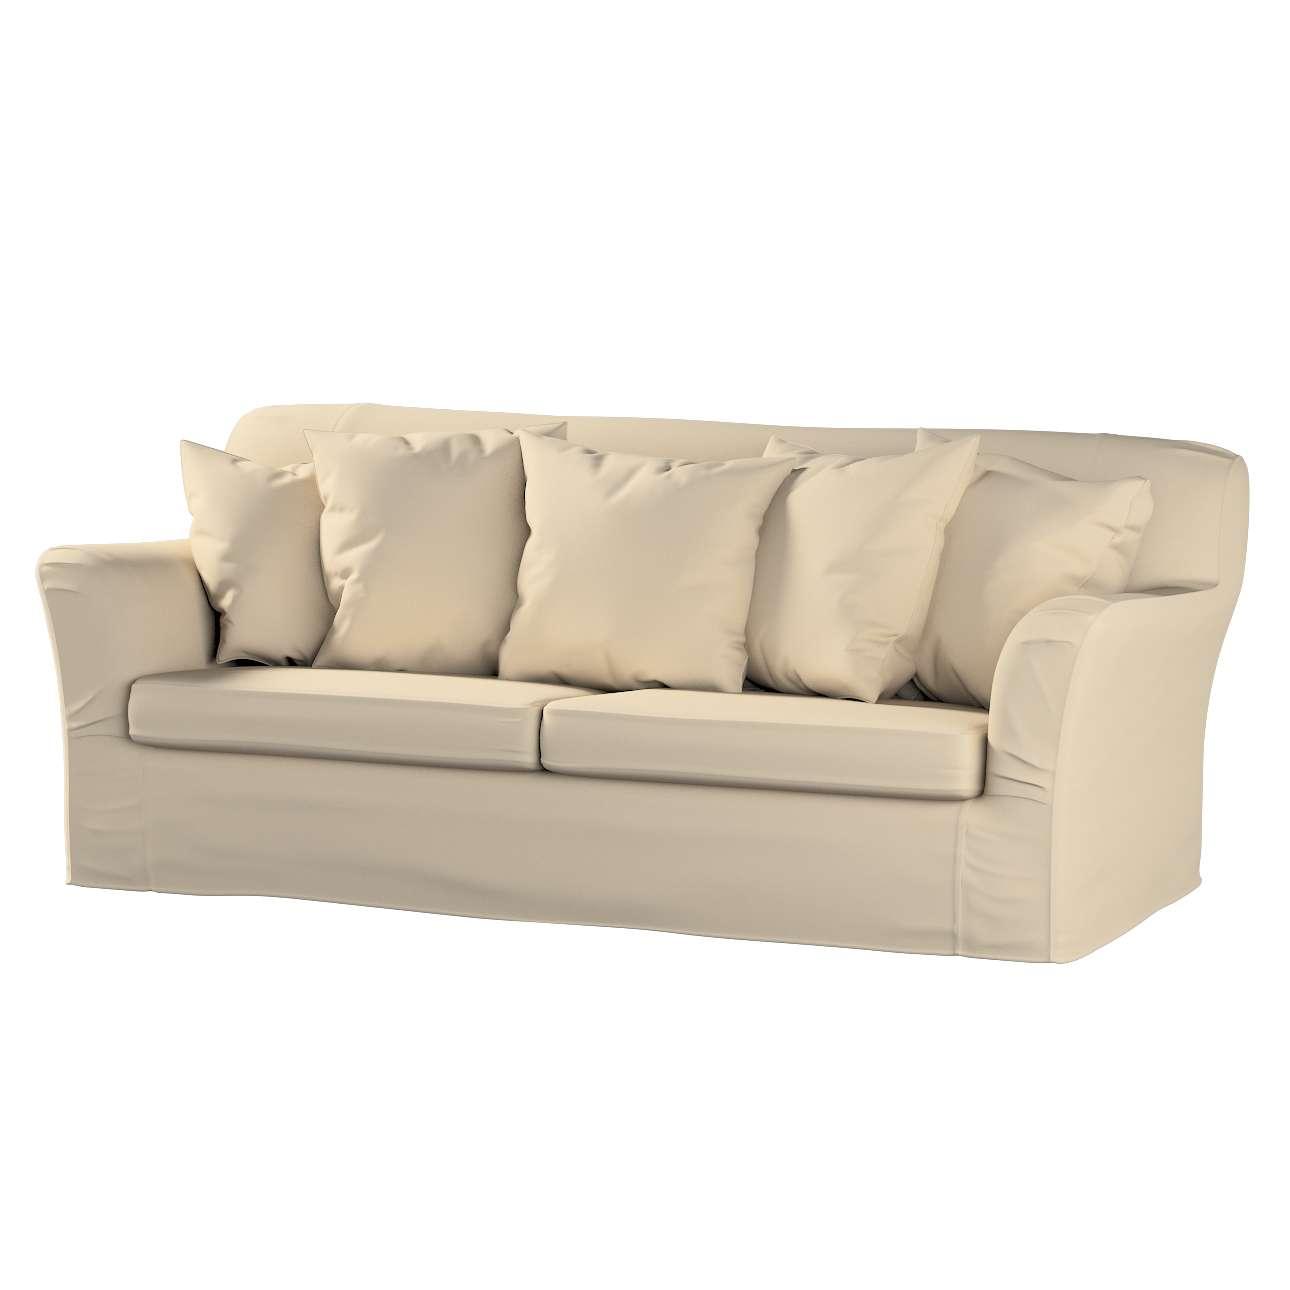 Pokrowiec na sofę Tomelilla 3-osobową rozkładaną Sofa Tomelilla rozkładana w kolekcji Cotton Panama, tkanina: 702-01